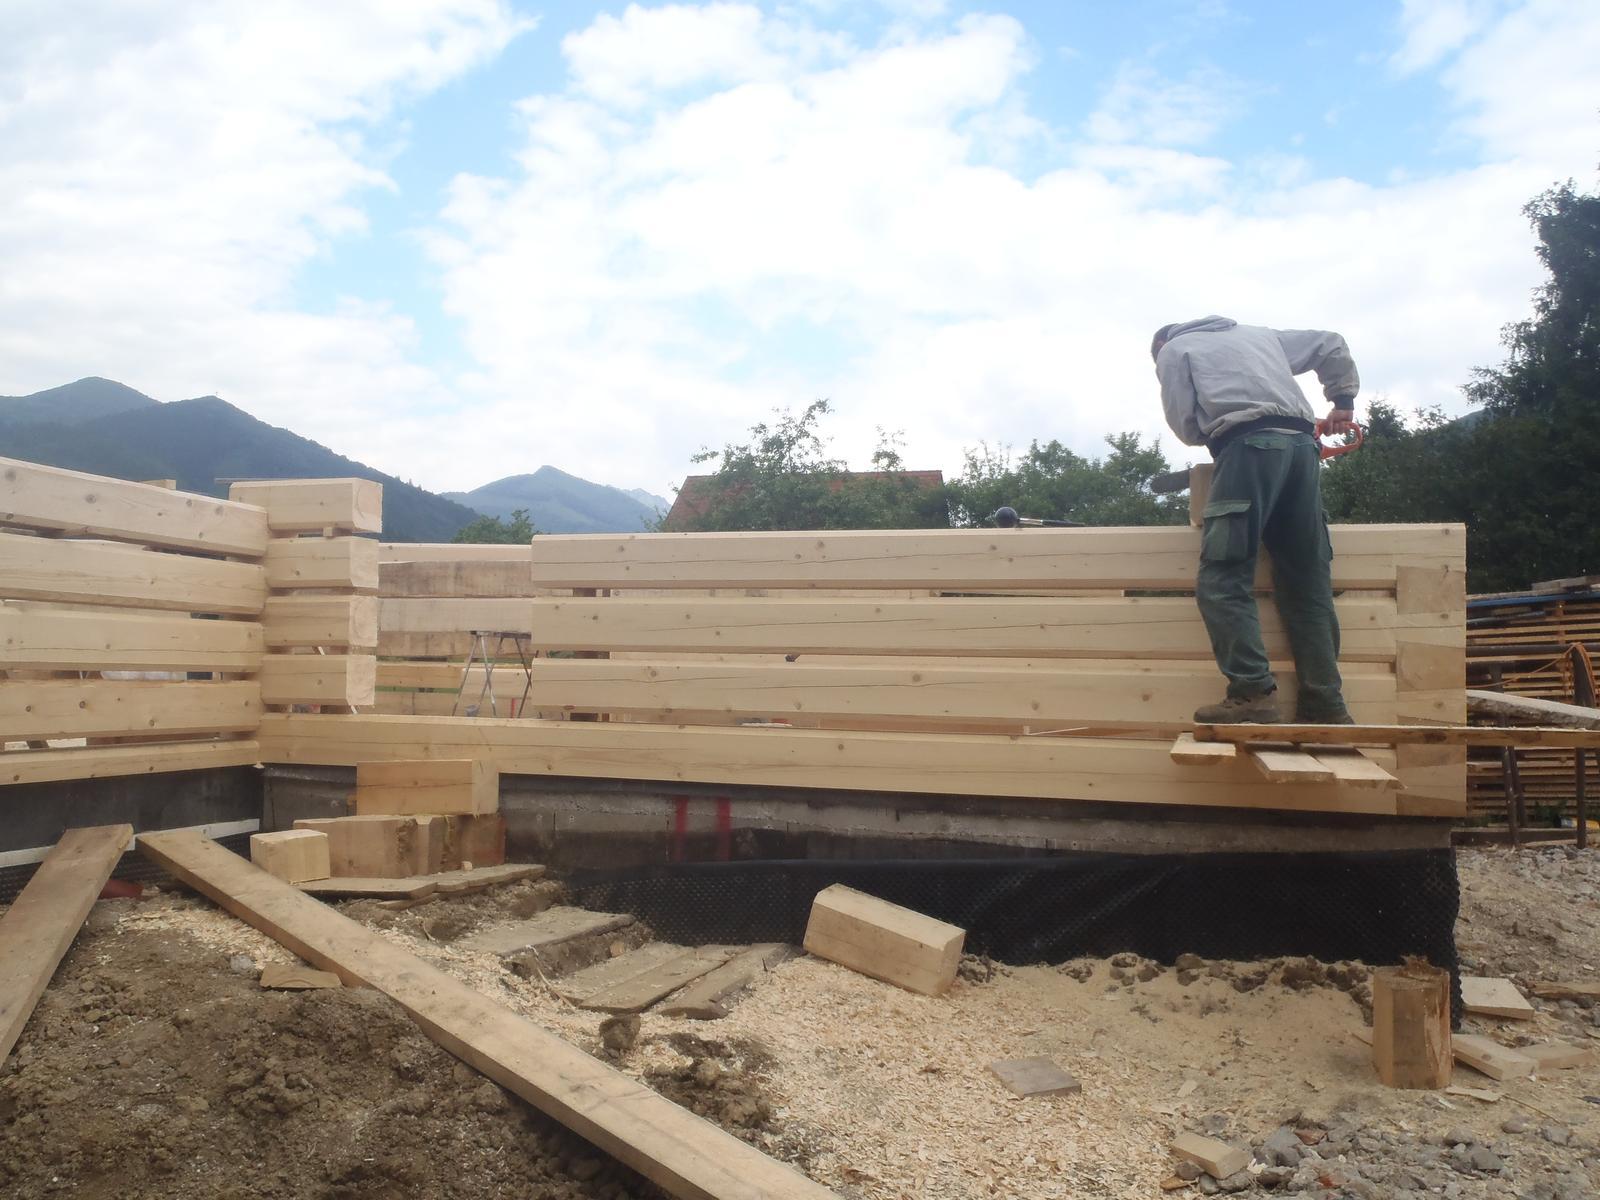 Náš veľký sen o drevenom domčeku! - Obrázok č. 65